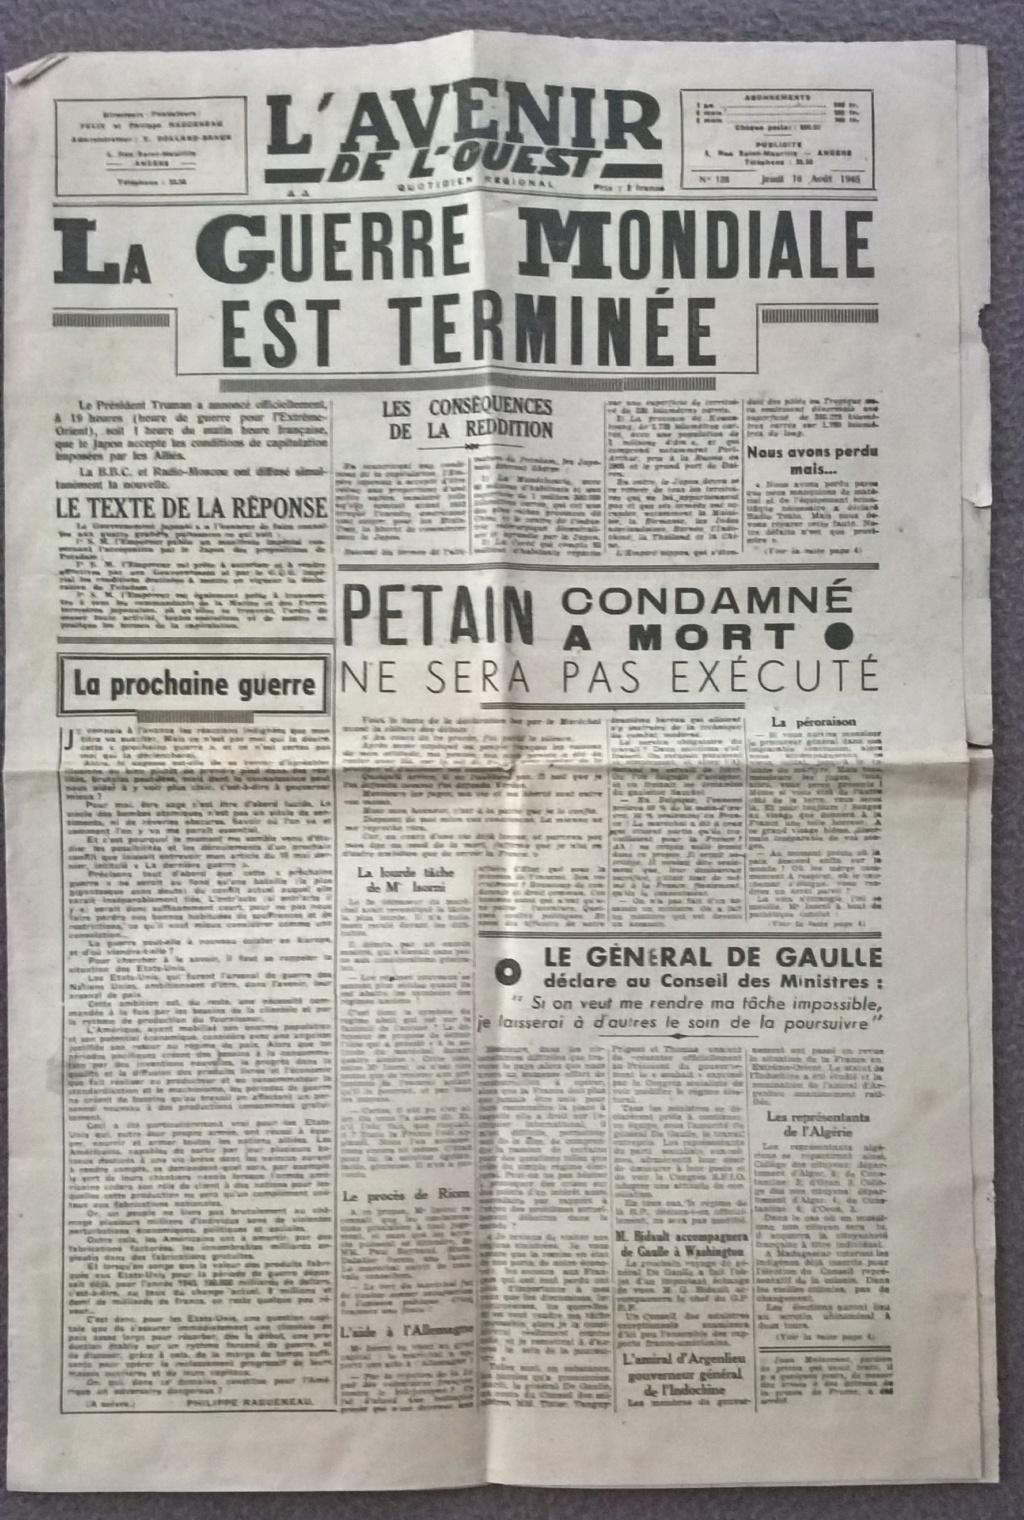 Mai-septembre 1945 : les journaux de la fin de la Seconde Guerre mondiale Wp_20201